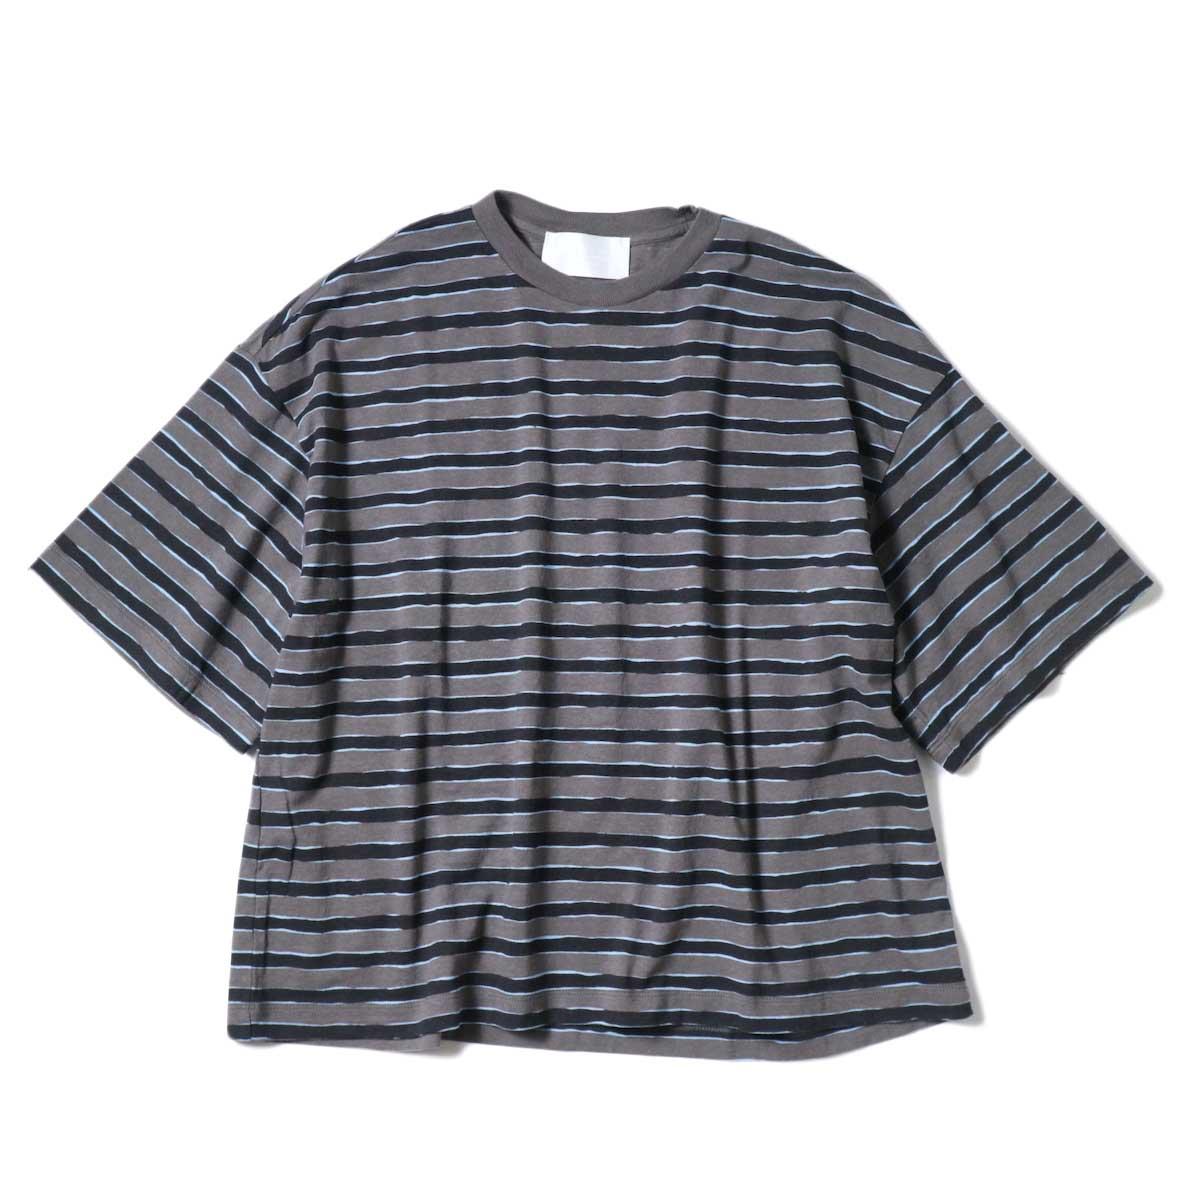 (Ladie's) UNUSED / US2022 Border S/S Tee (Charcoal × Black)